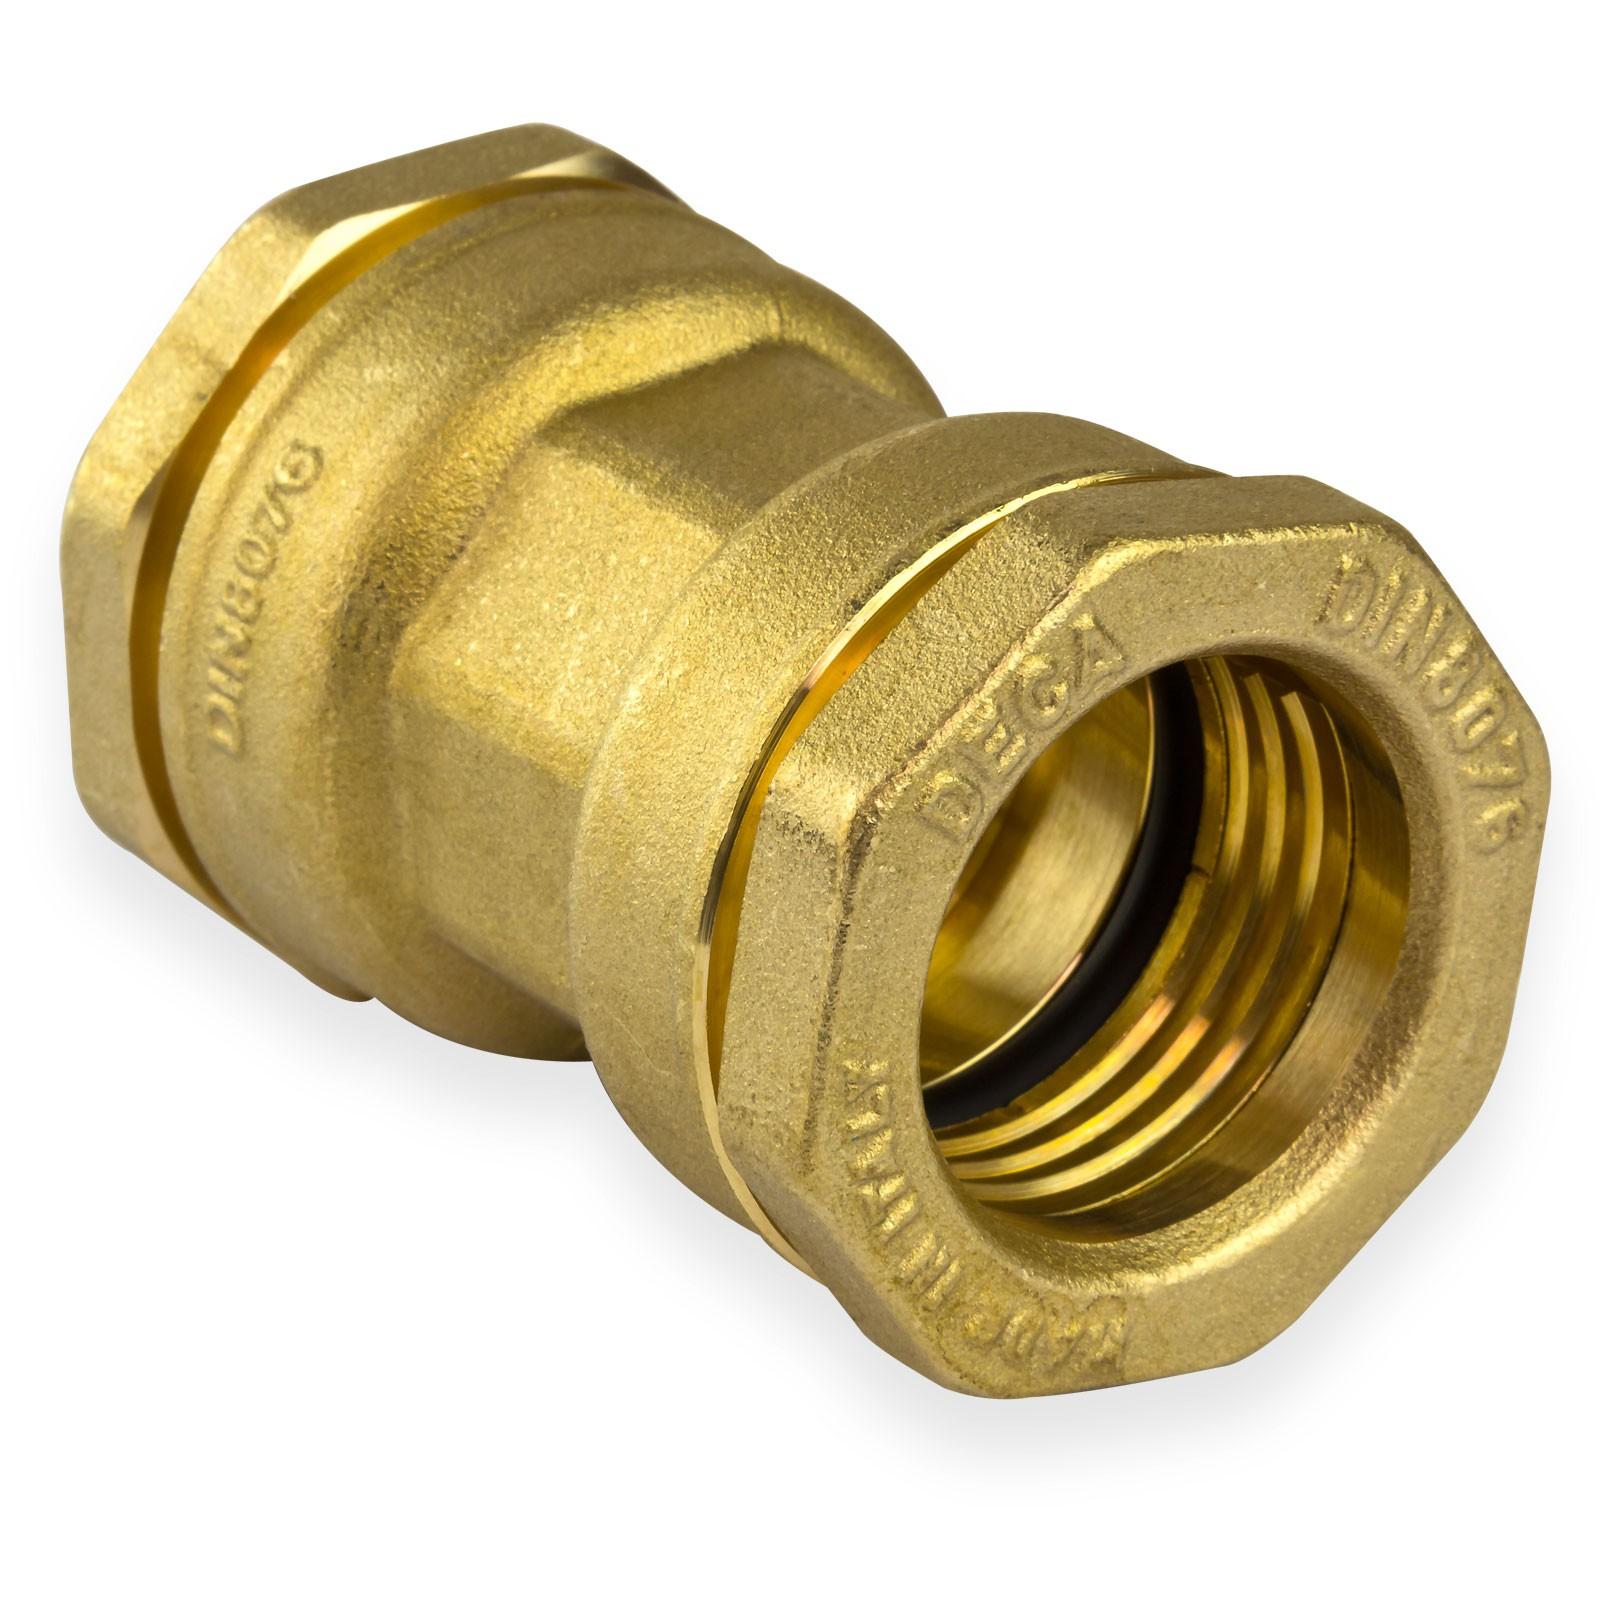 Messing Kupplung DN50 63 mm Muffe Verschraubung PE-Rohr